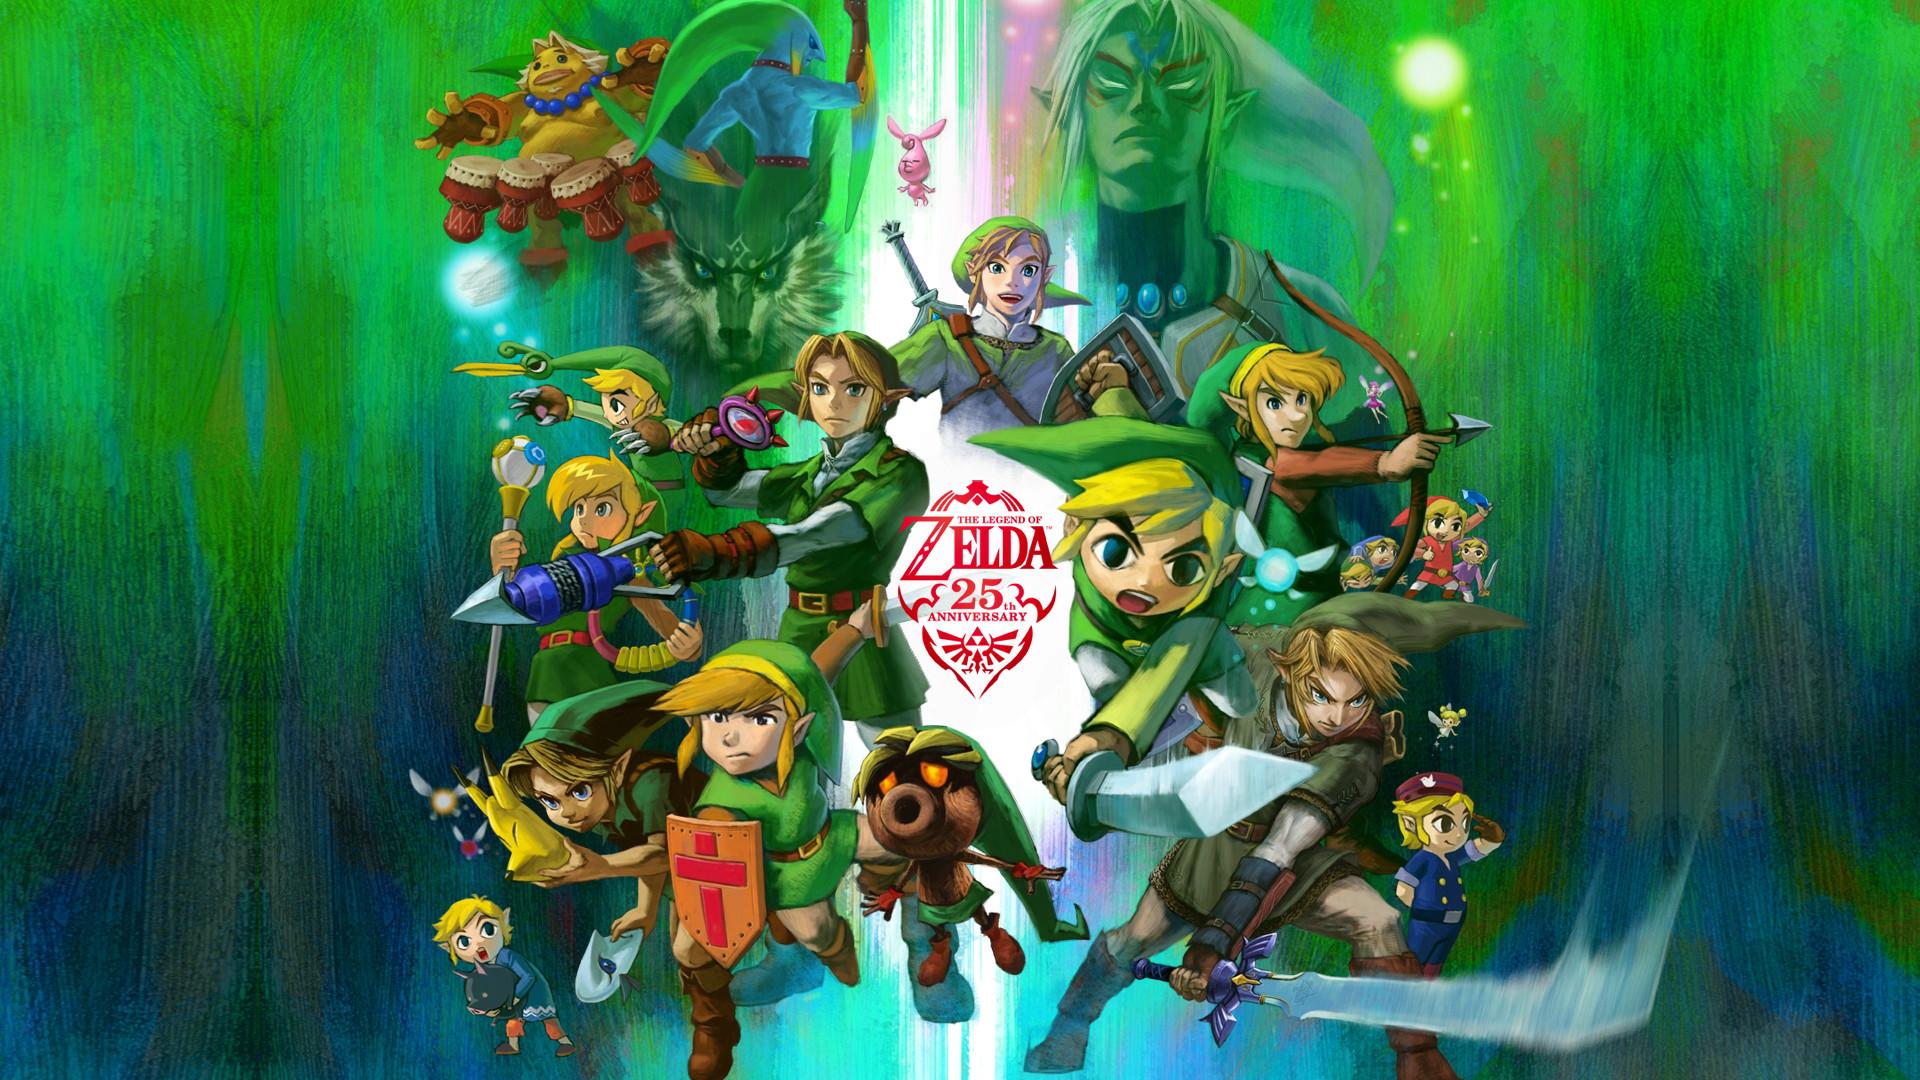 The-Legend-of-Zelda-Wallpaper-HD-1080p.jpg